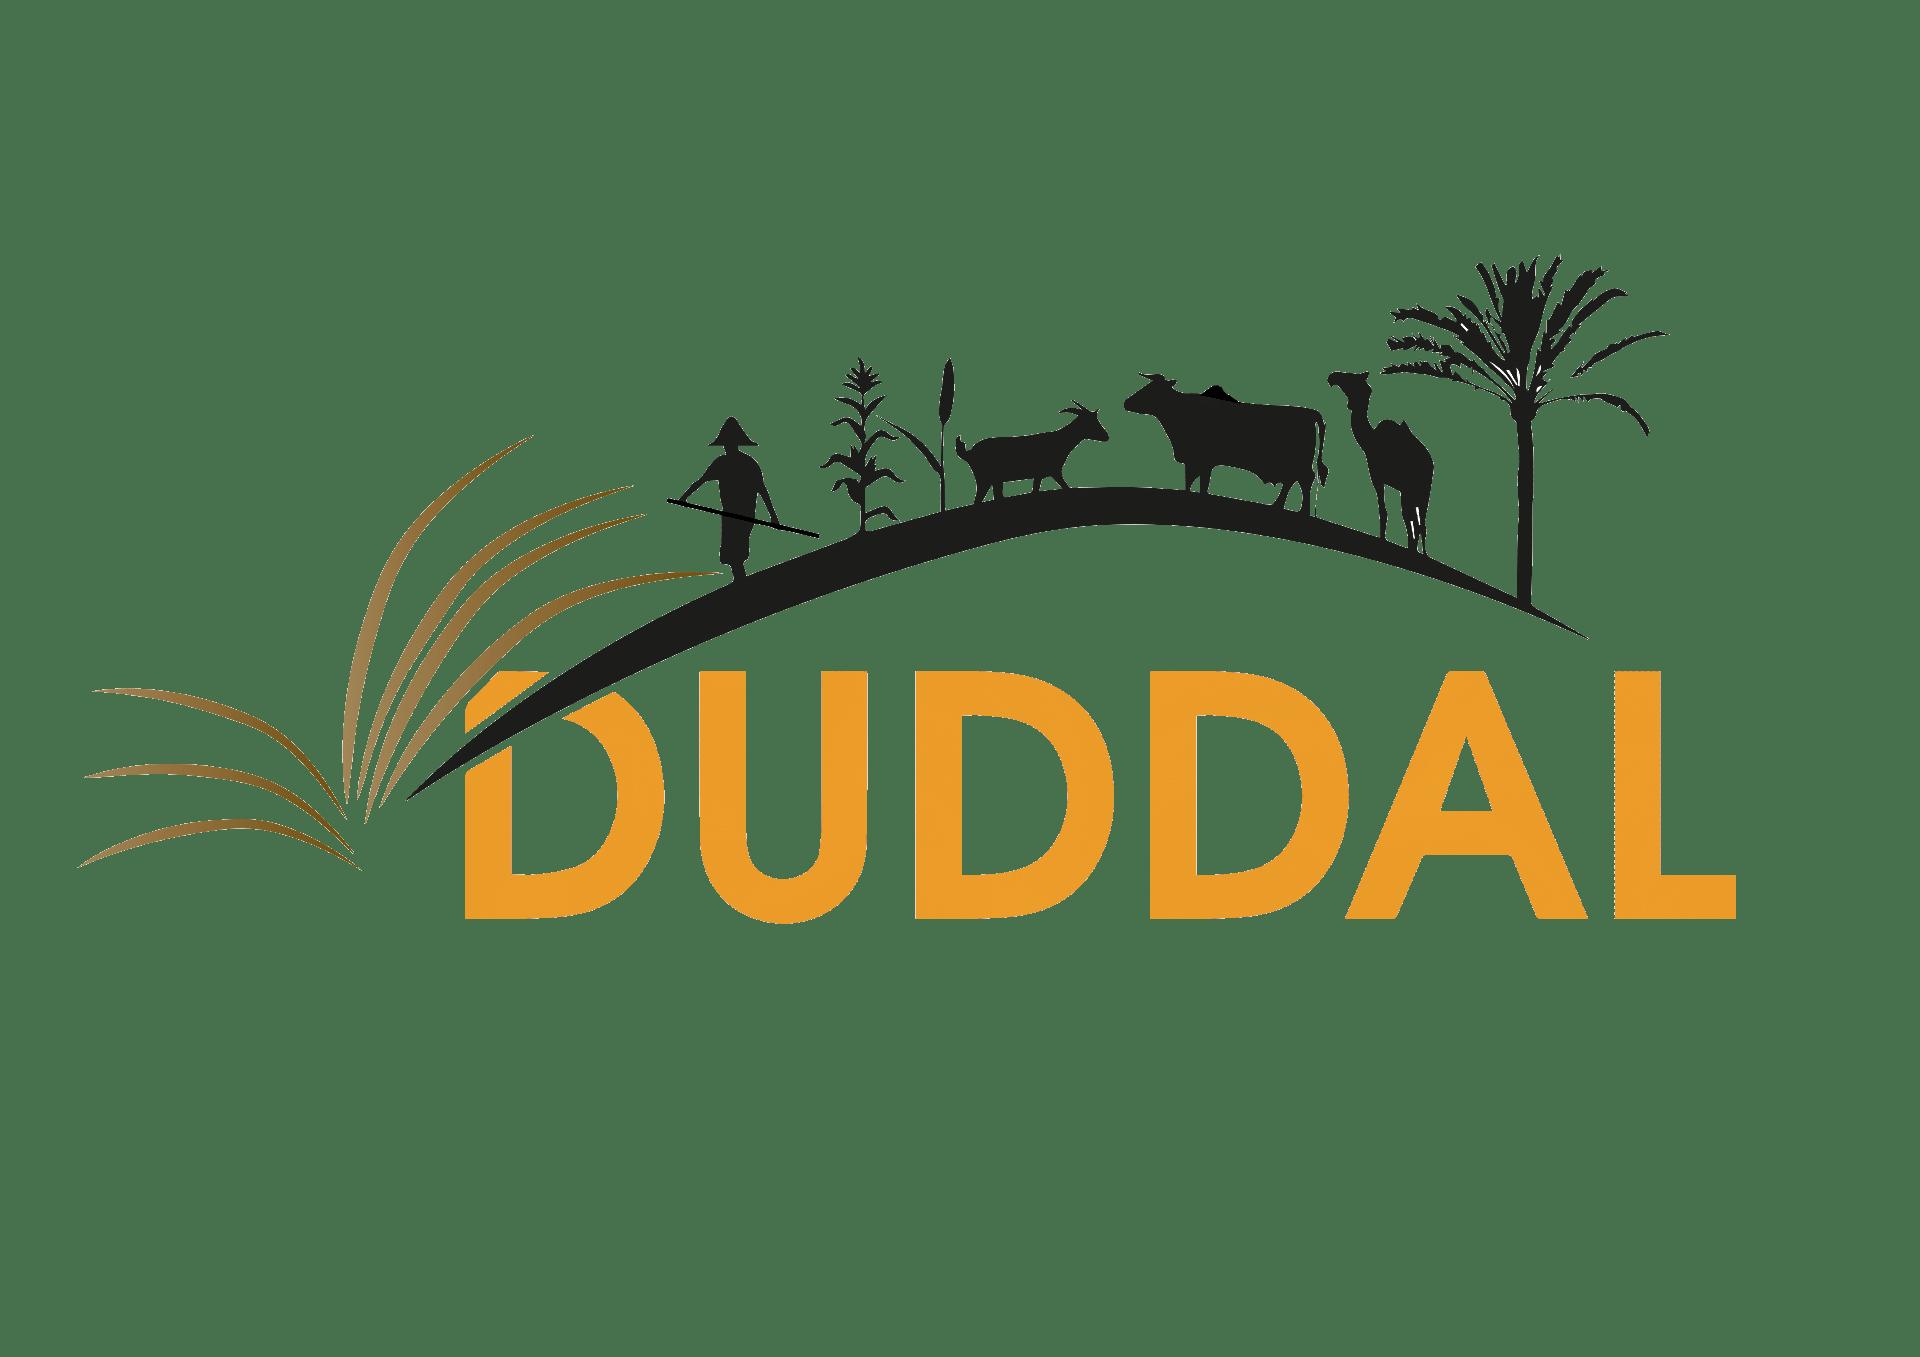 Bibliothèque numérique Duddal